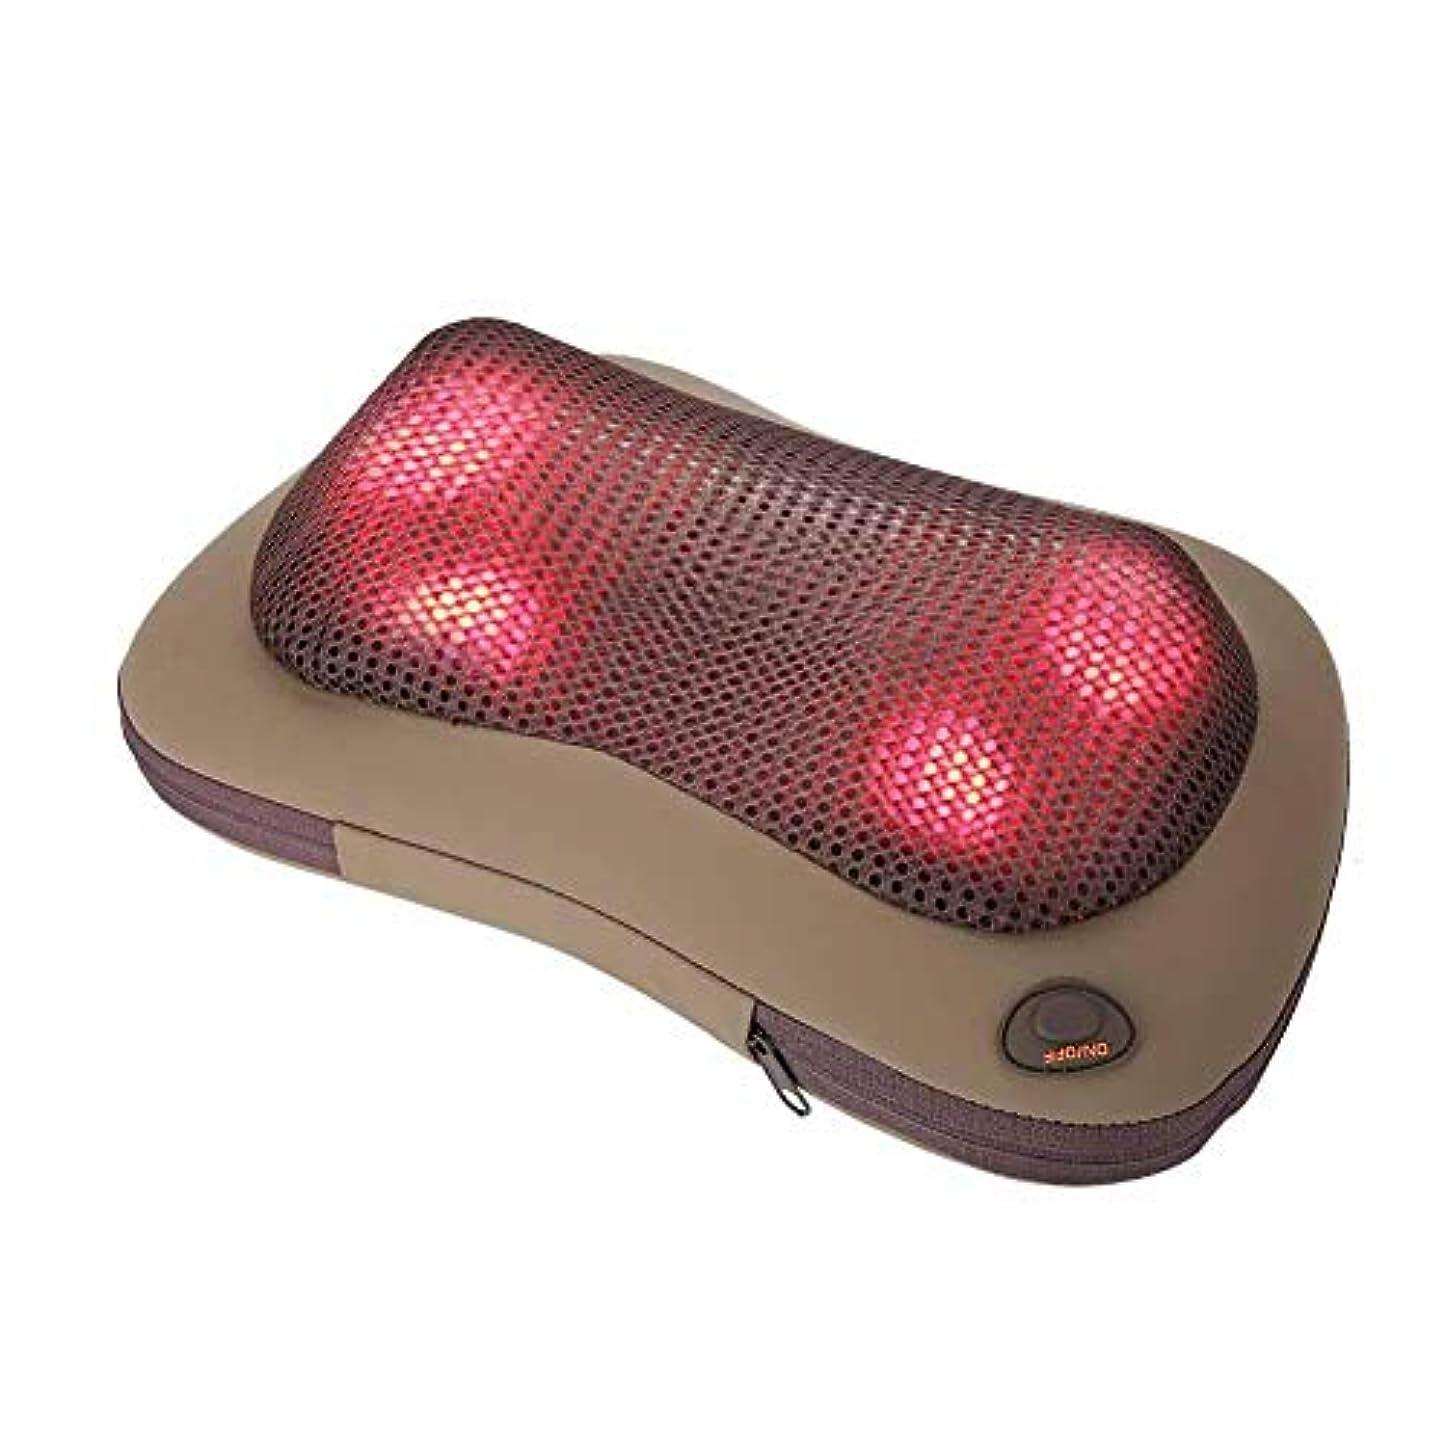 放送キャンプダイアクリティカル携帯用 電気マッサージ 枕 暖房療法 首 ウエスト 足 腕 マッサージ用具(グレー)